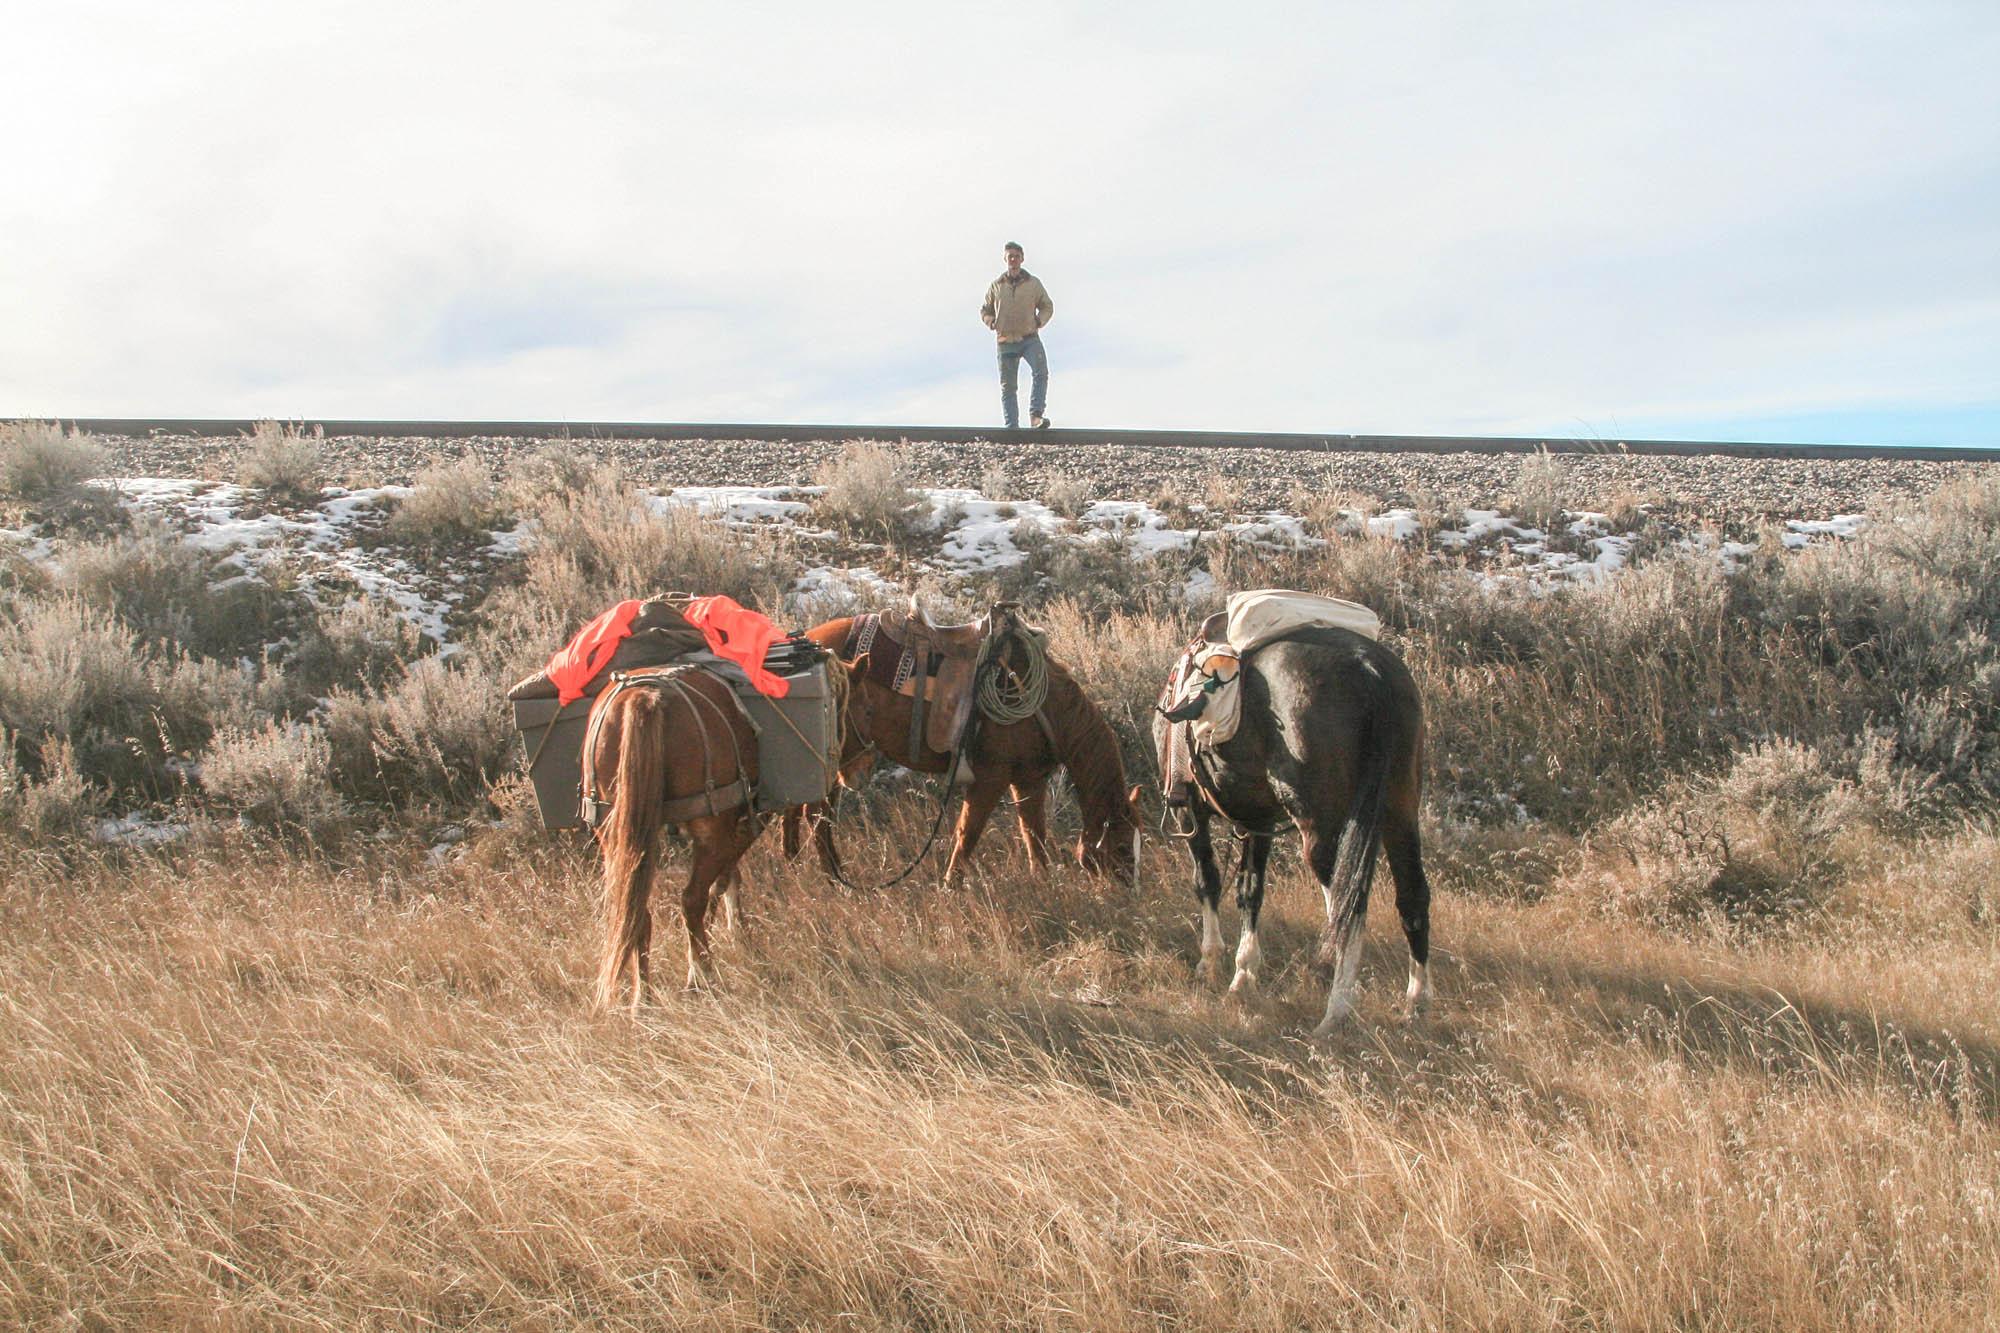 horsepack-64-64.jpg